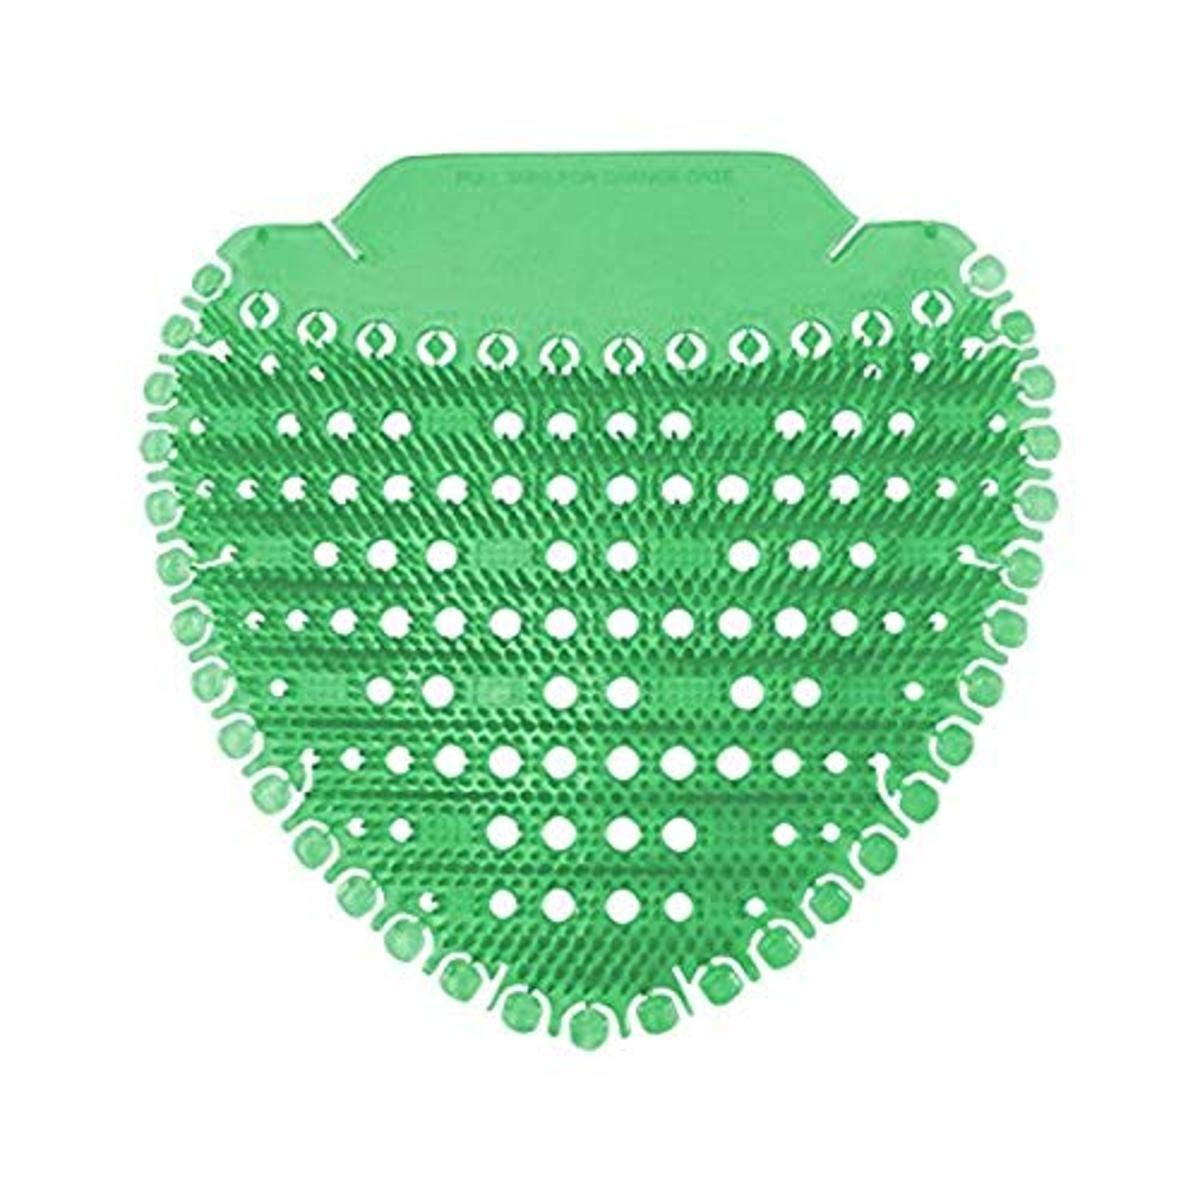 Nilodor Ultra Air 2.0 Deodorizing Screens Cucumber Melon Pack Max 54% Brand Cheap Sale Venue OFF